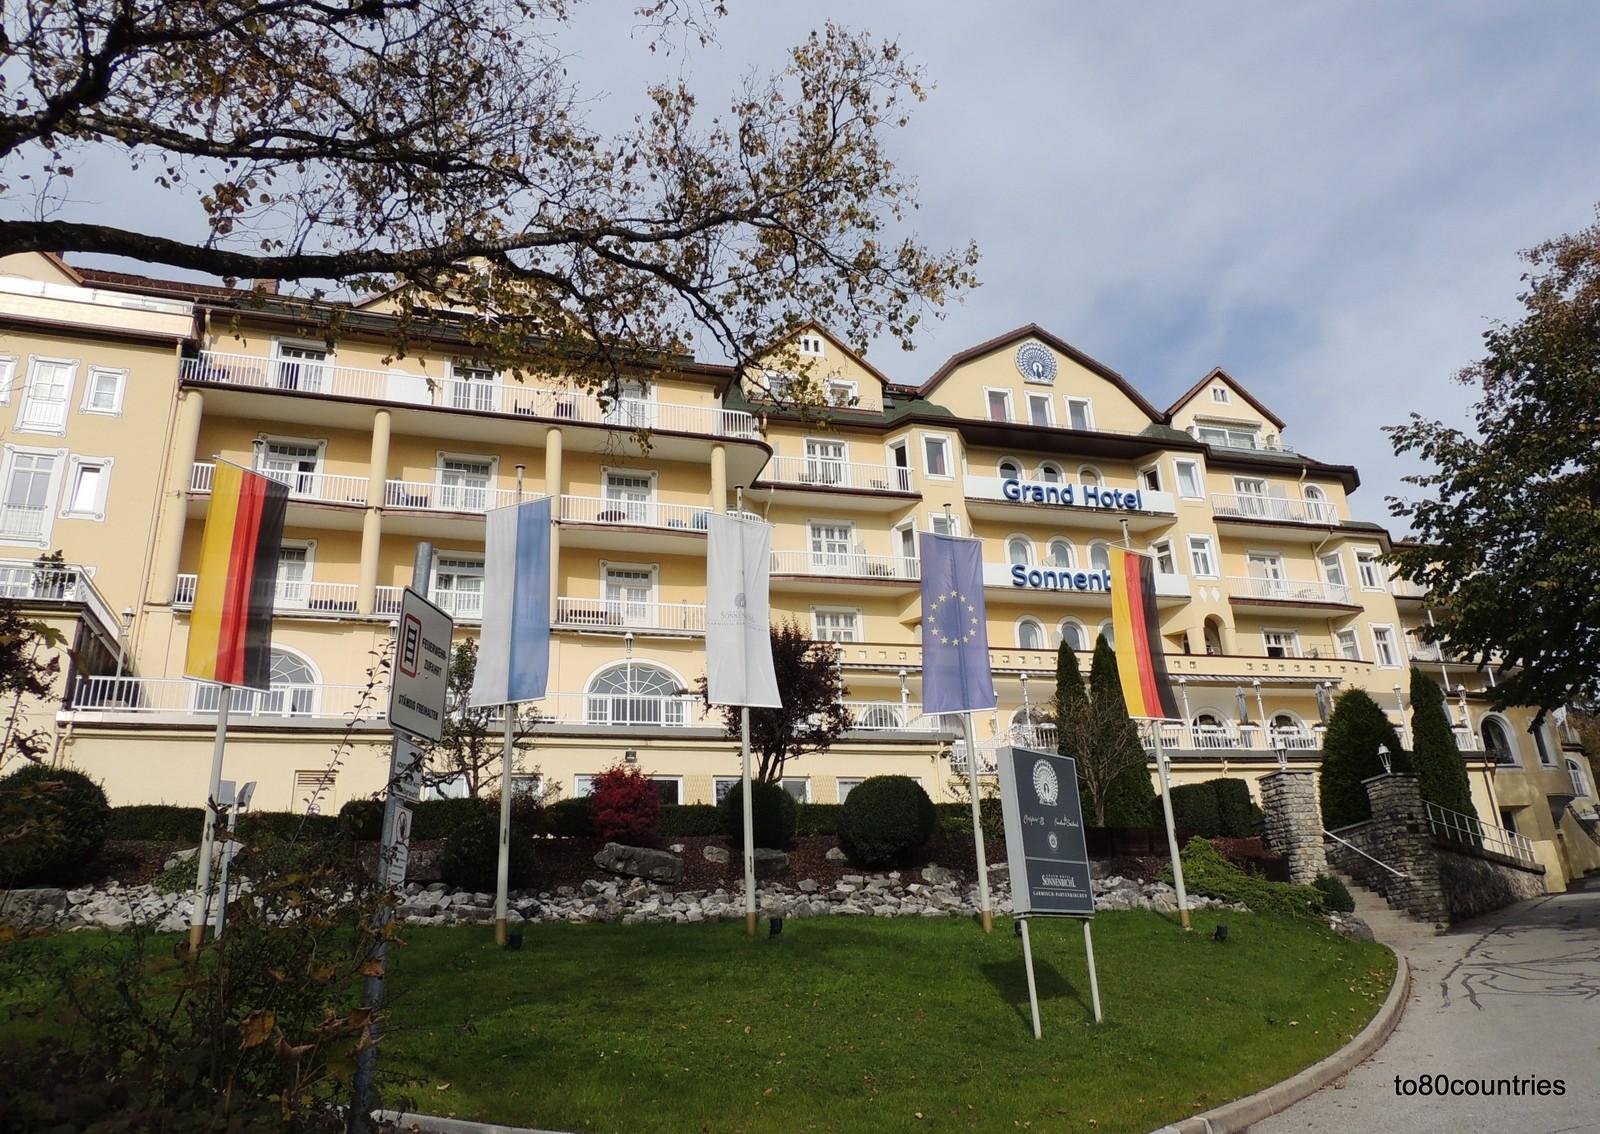 Grand Hotel Sonnenbichl - Garmisch